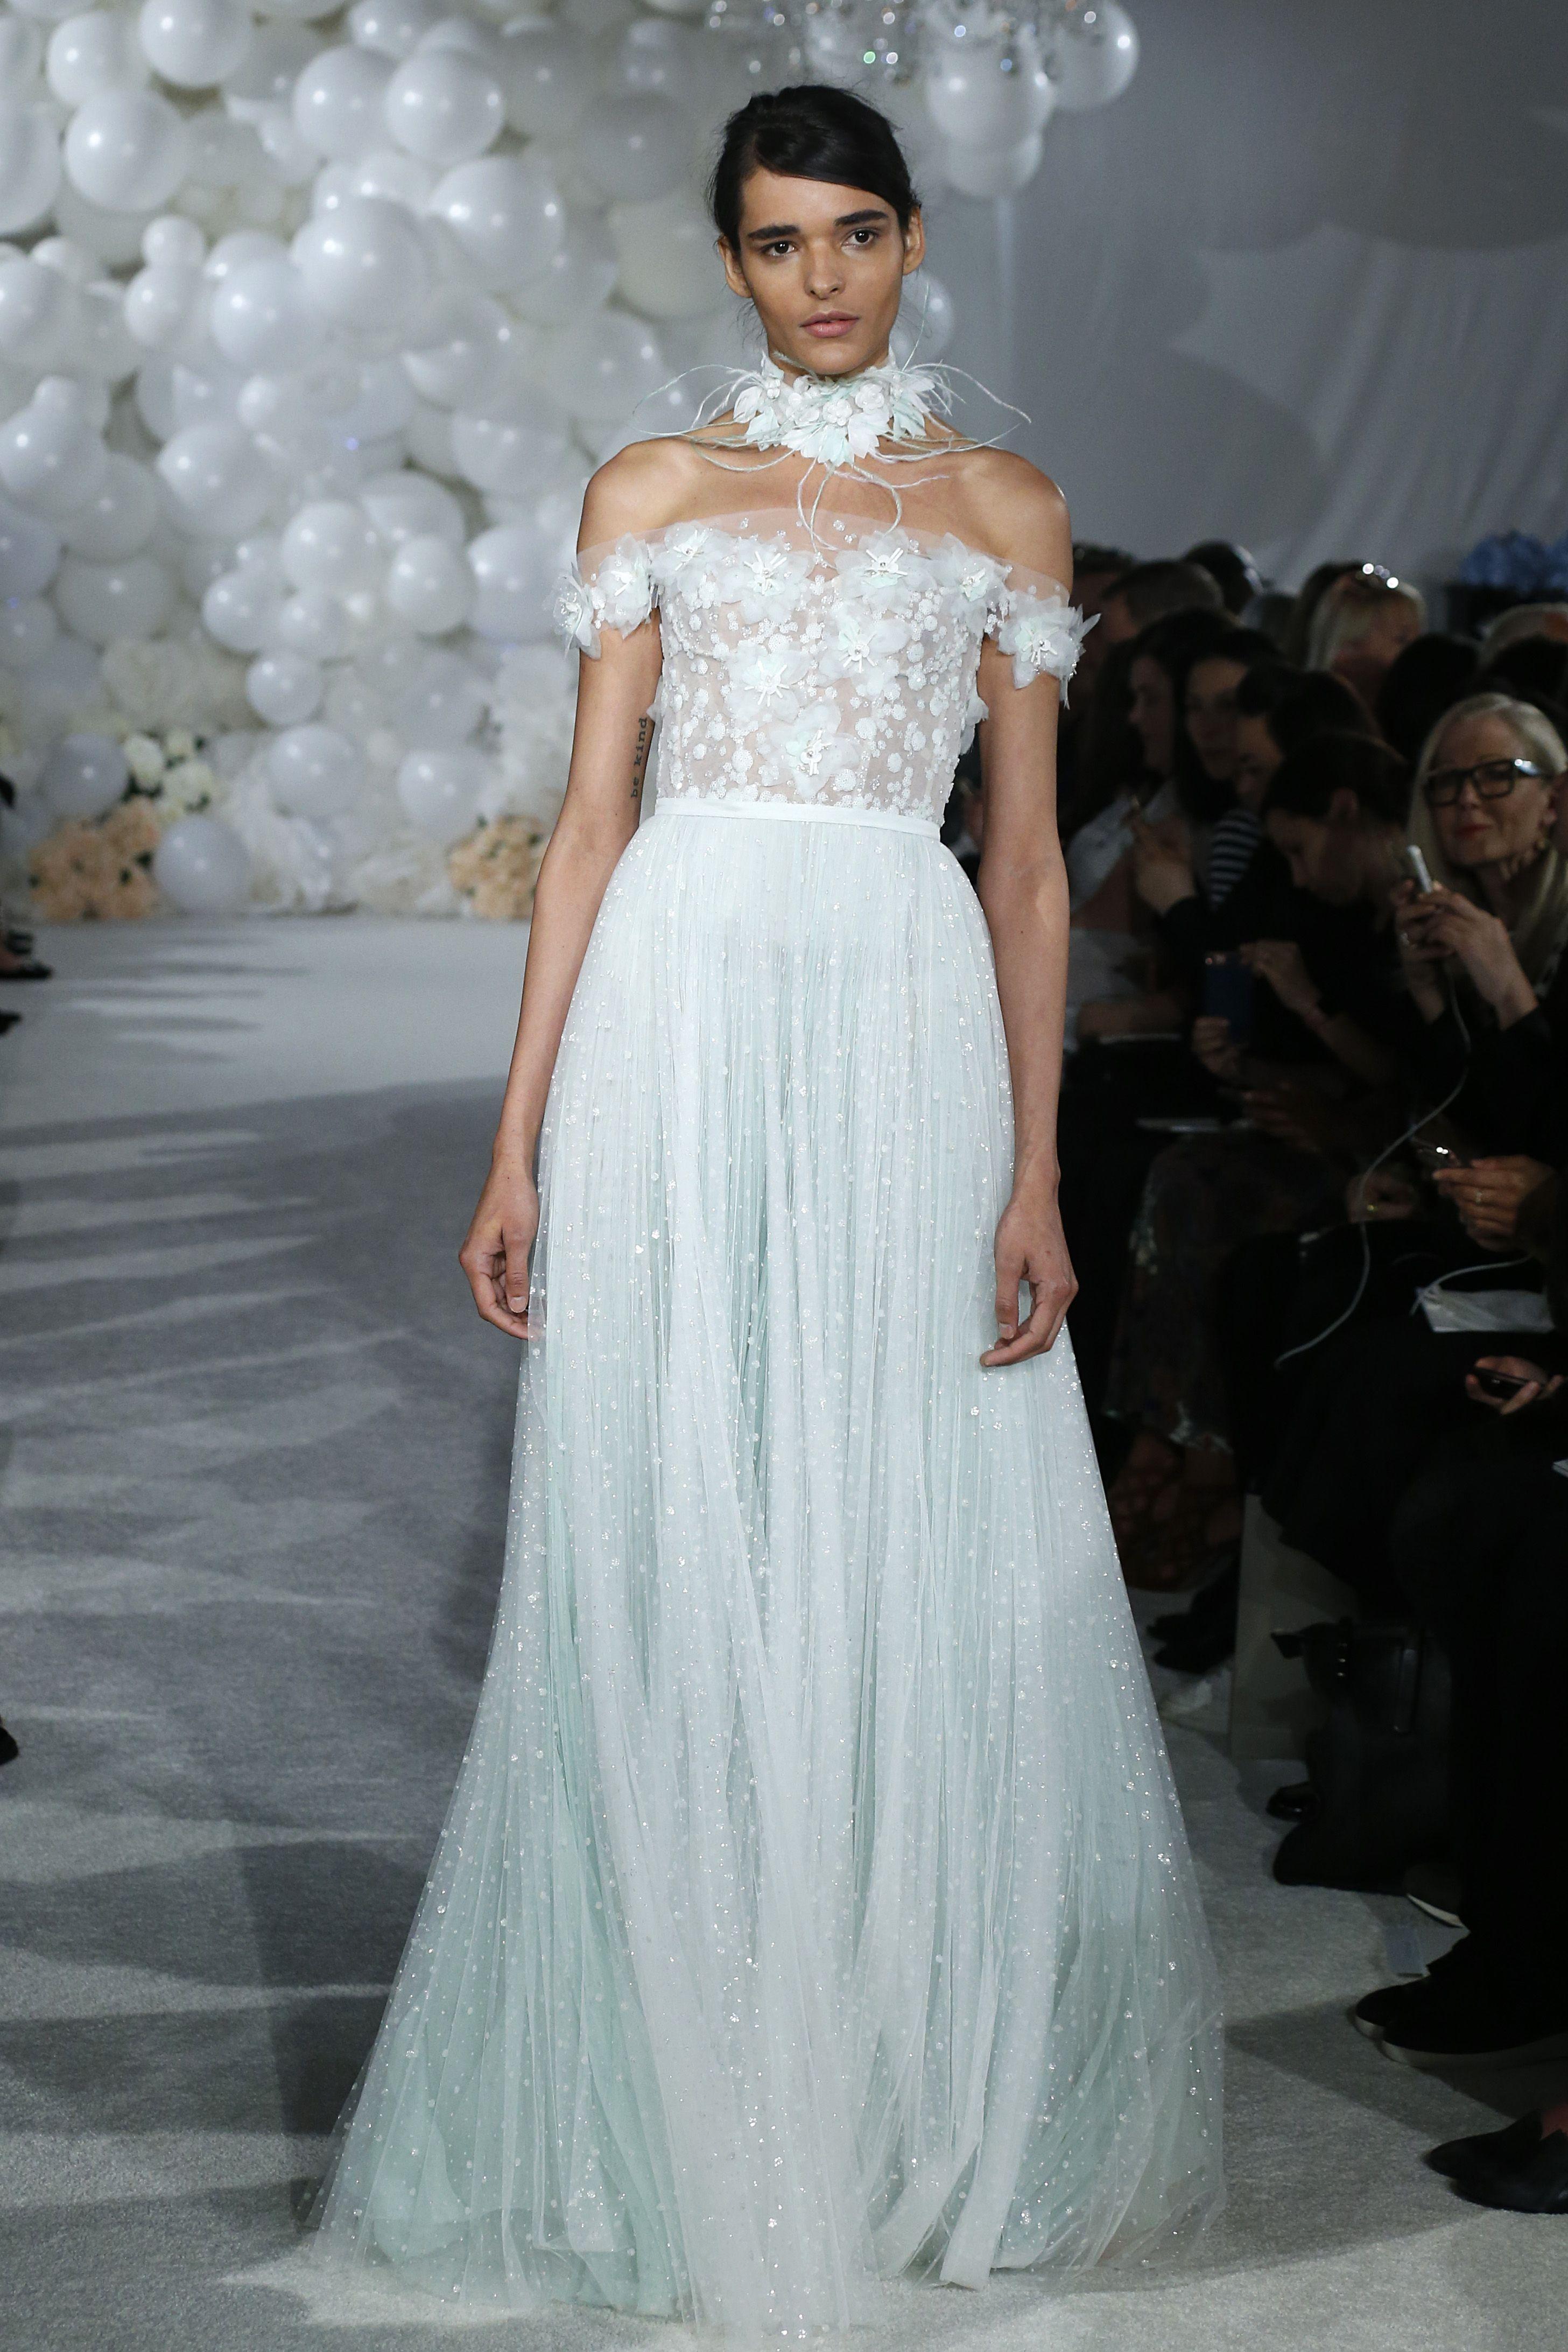 Old Fashioned Impressions Bridal Gowns Elaboration - All Wedding ...